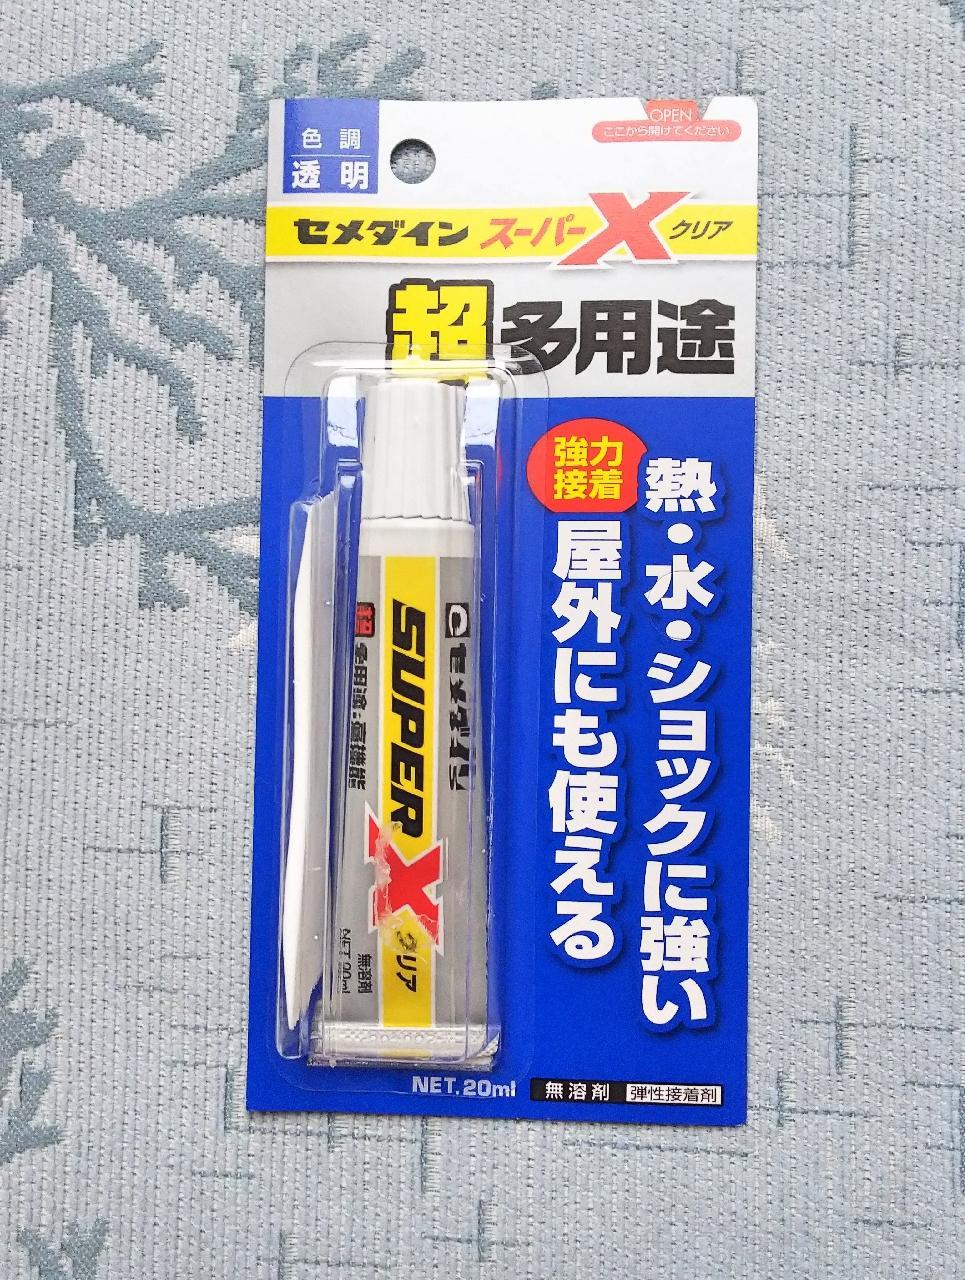 X セメダイン スーパー